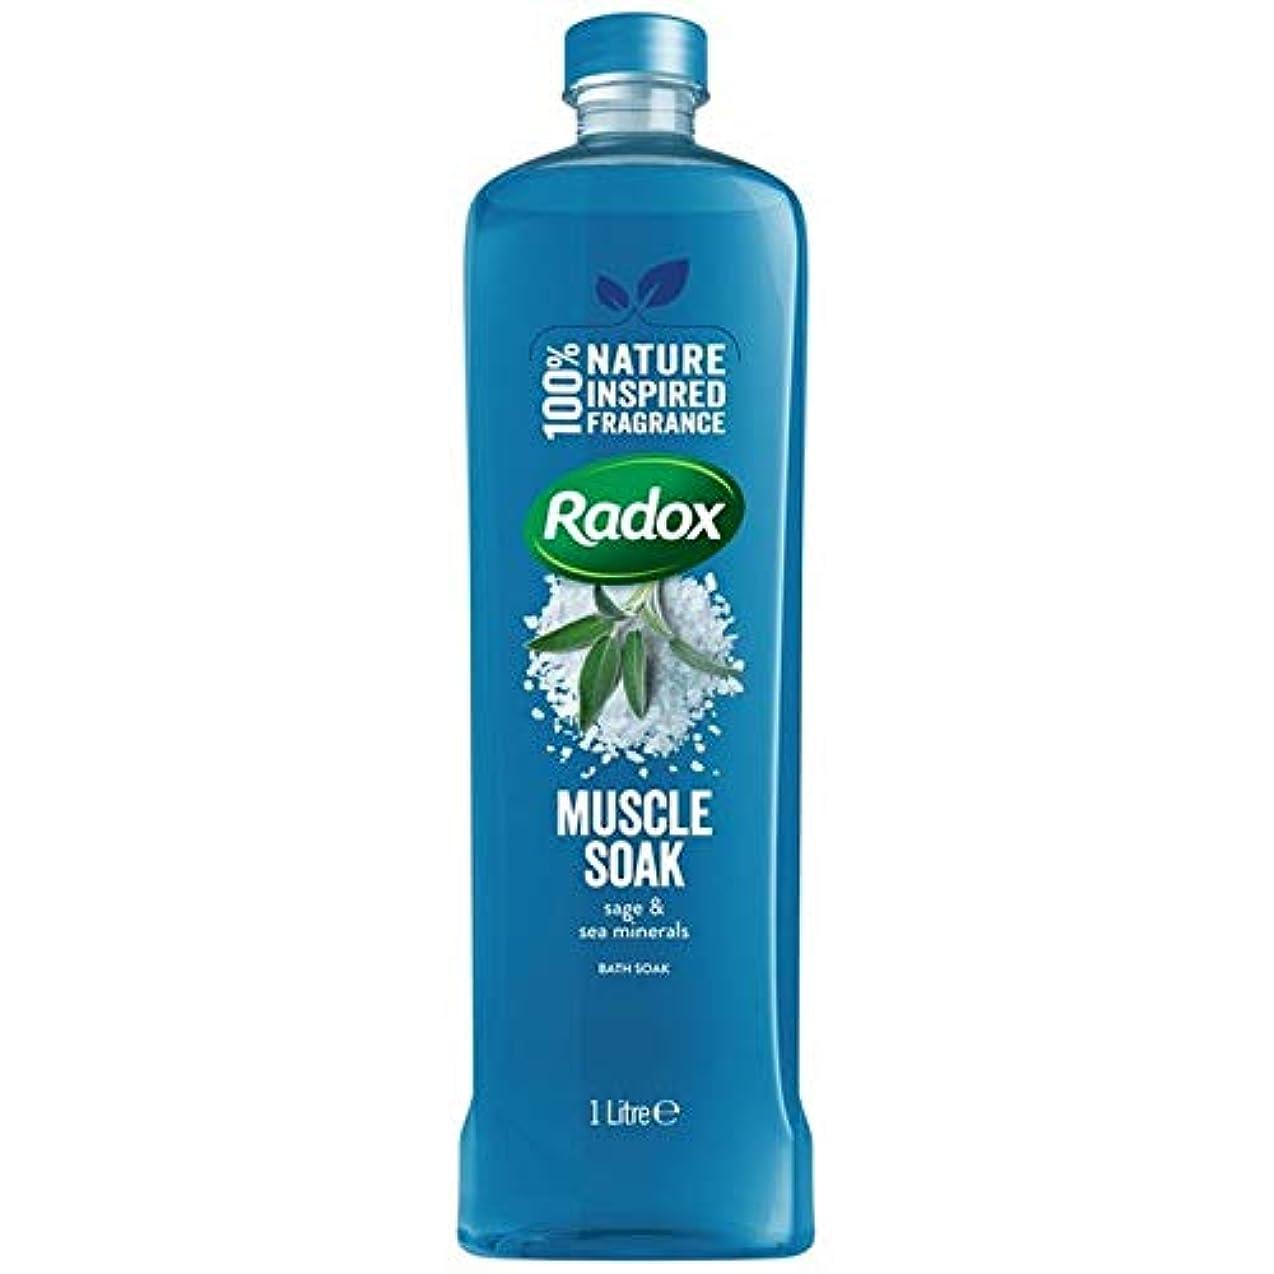 レプリカ手段単調な[Radox] Radox筋はセージ&海のミネラルの1リットルに浸し風呂につかります - Radox Muscle Soak Bath Soak with Sage & Sea Minerals 1L [並行輸入品]